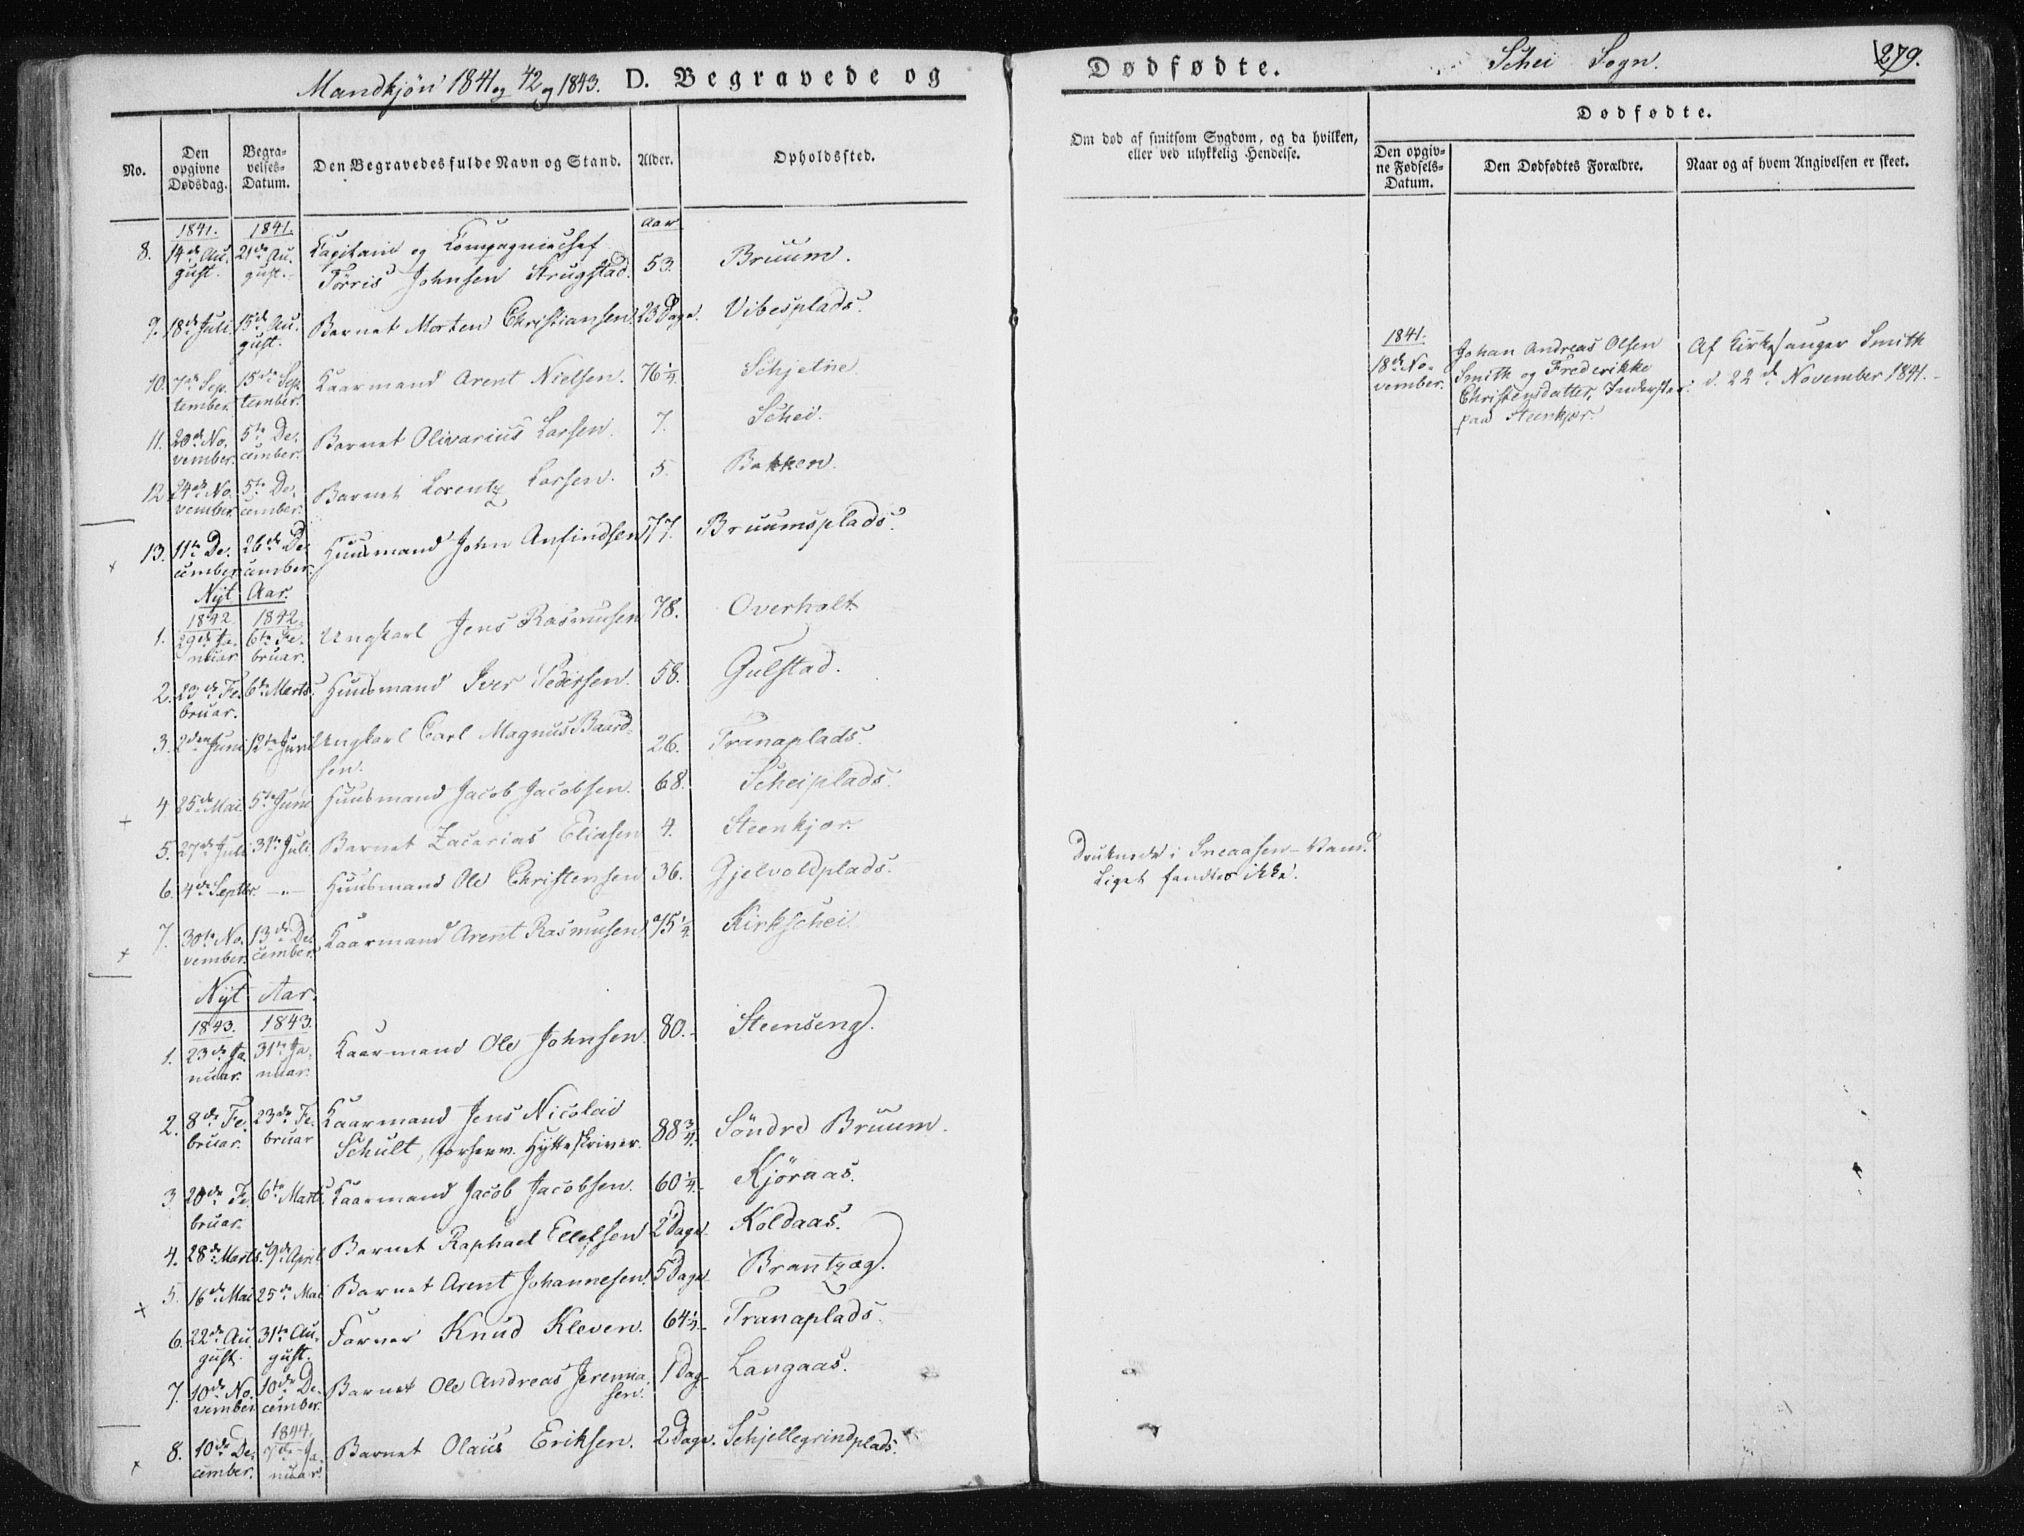 SAT, Ministerialprotokoller, klokkerbøker og fødselsregistre - Nord-Trøndelag, 735/L0339: Ministerialbok nr. 735A06 /2, 1836-1848, s. 279